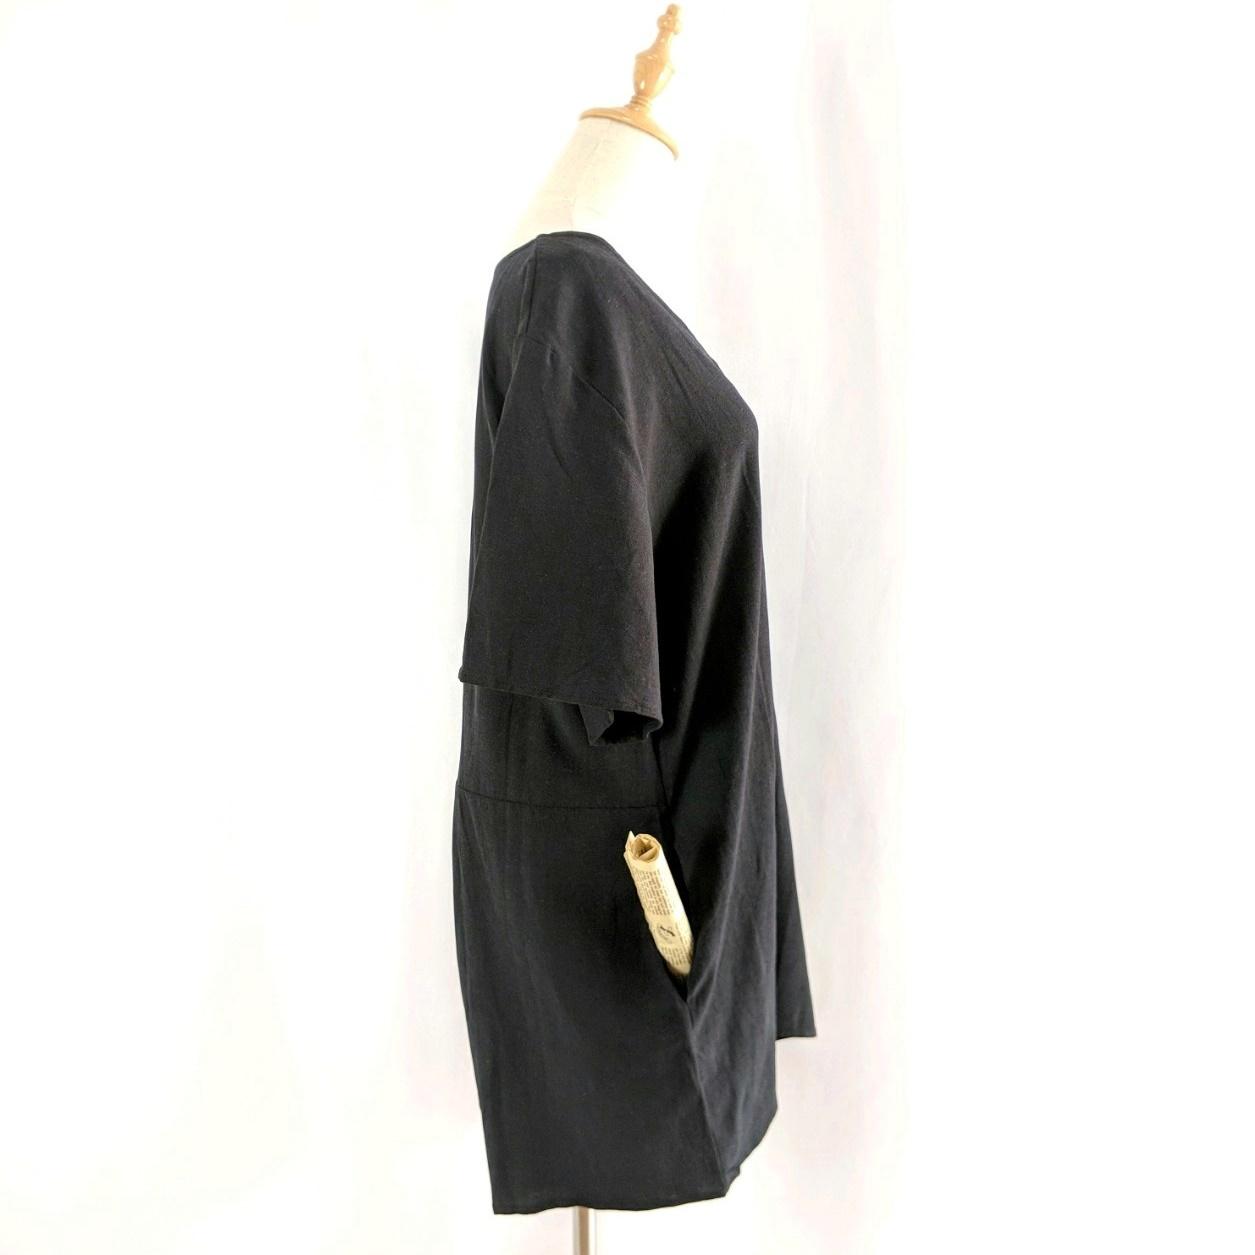 韓国 ファッション オールインワン サロペット 春 夏 カジュアル PTXF166  リネン フレアスリーブ ヘンリーネック Vネック フロントボタン Aライン オルチャン シンプル 定番 セレカジの写真18枚目